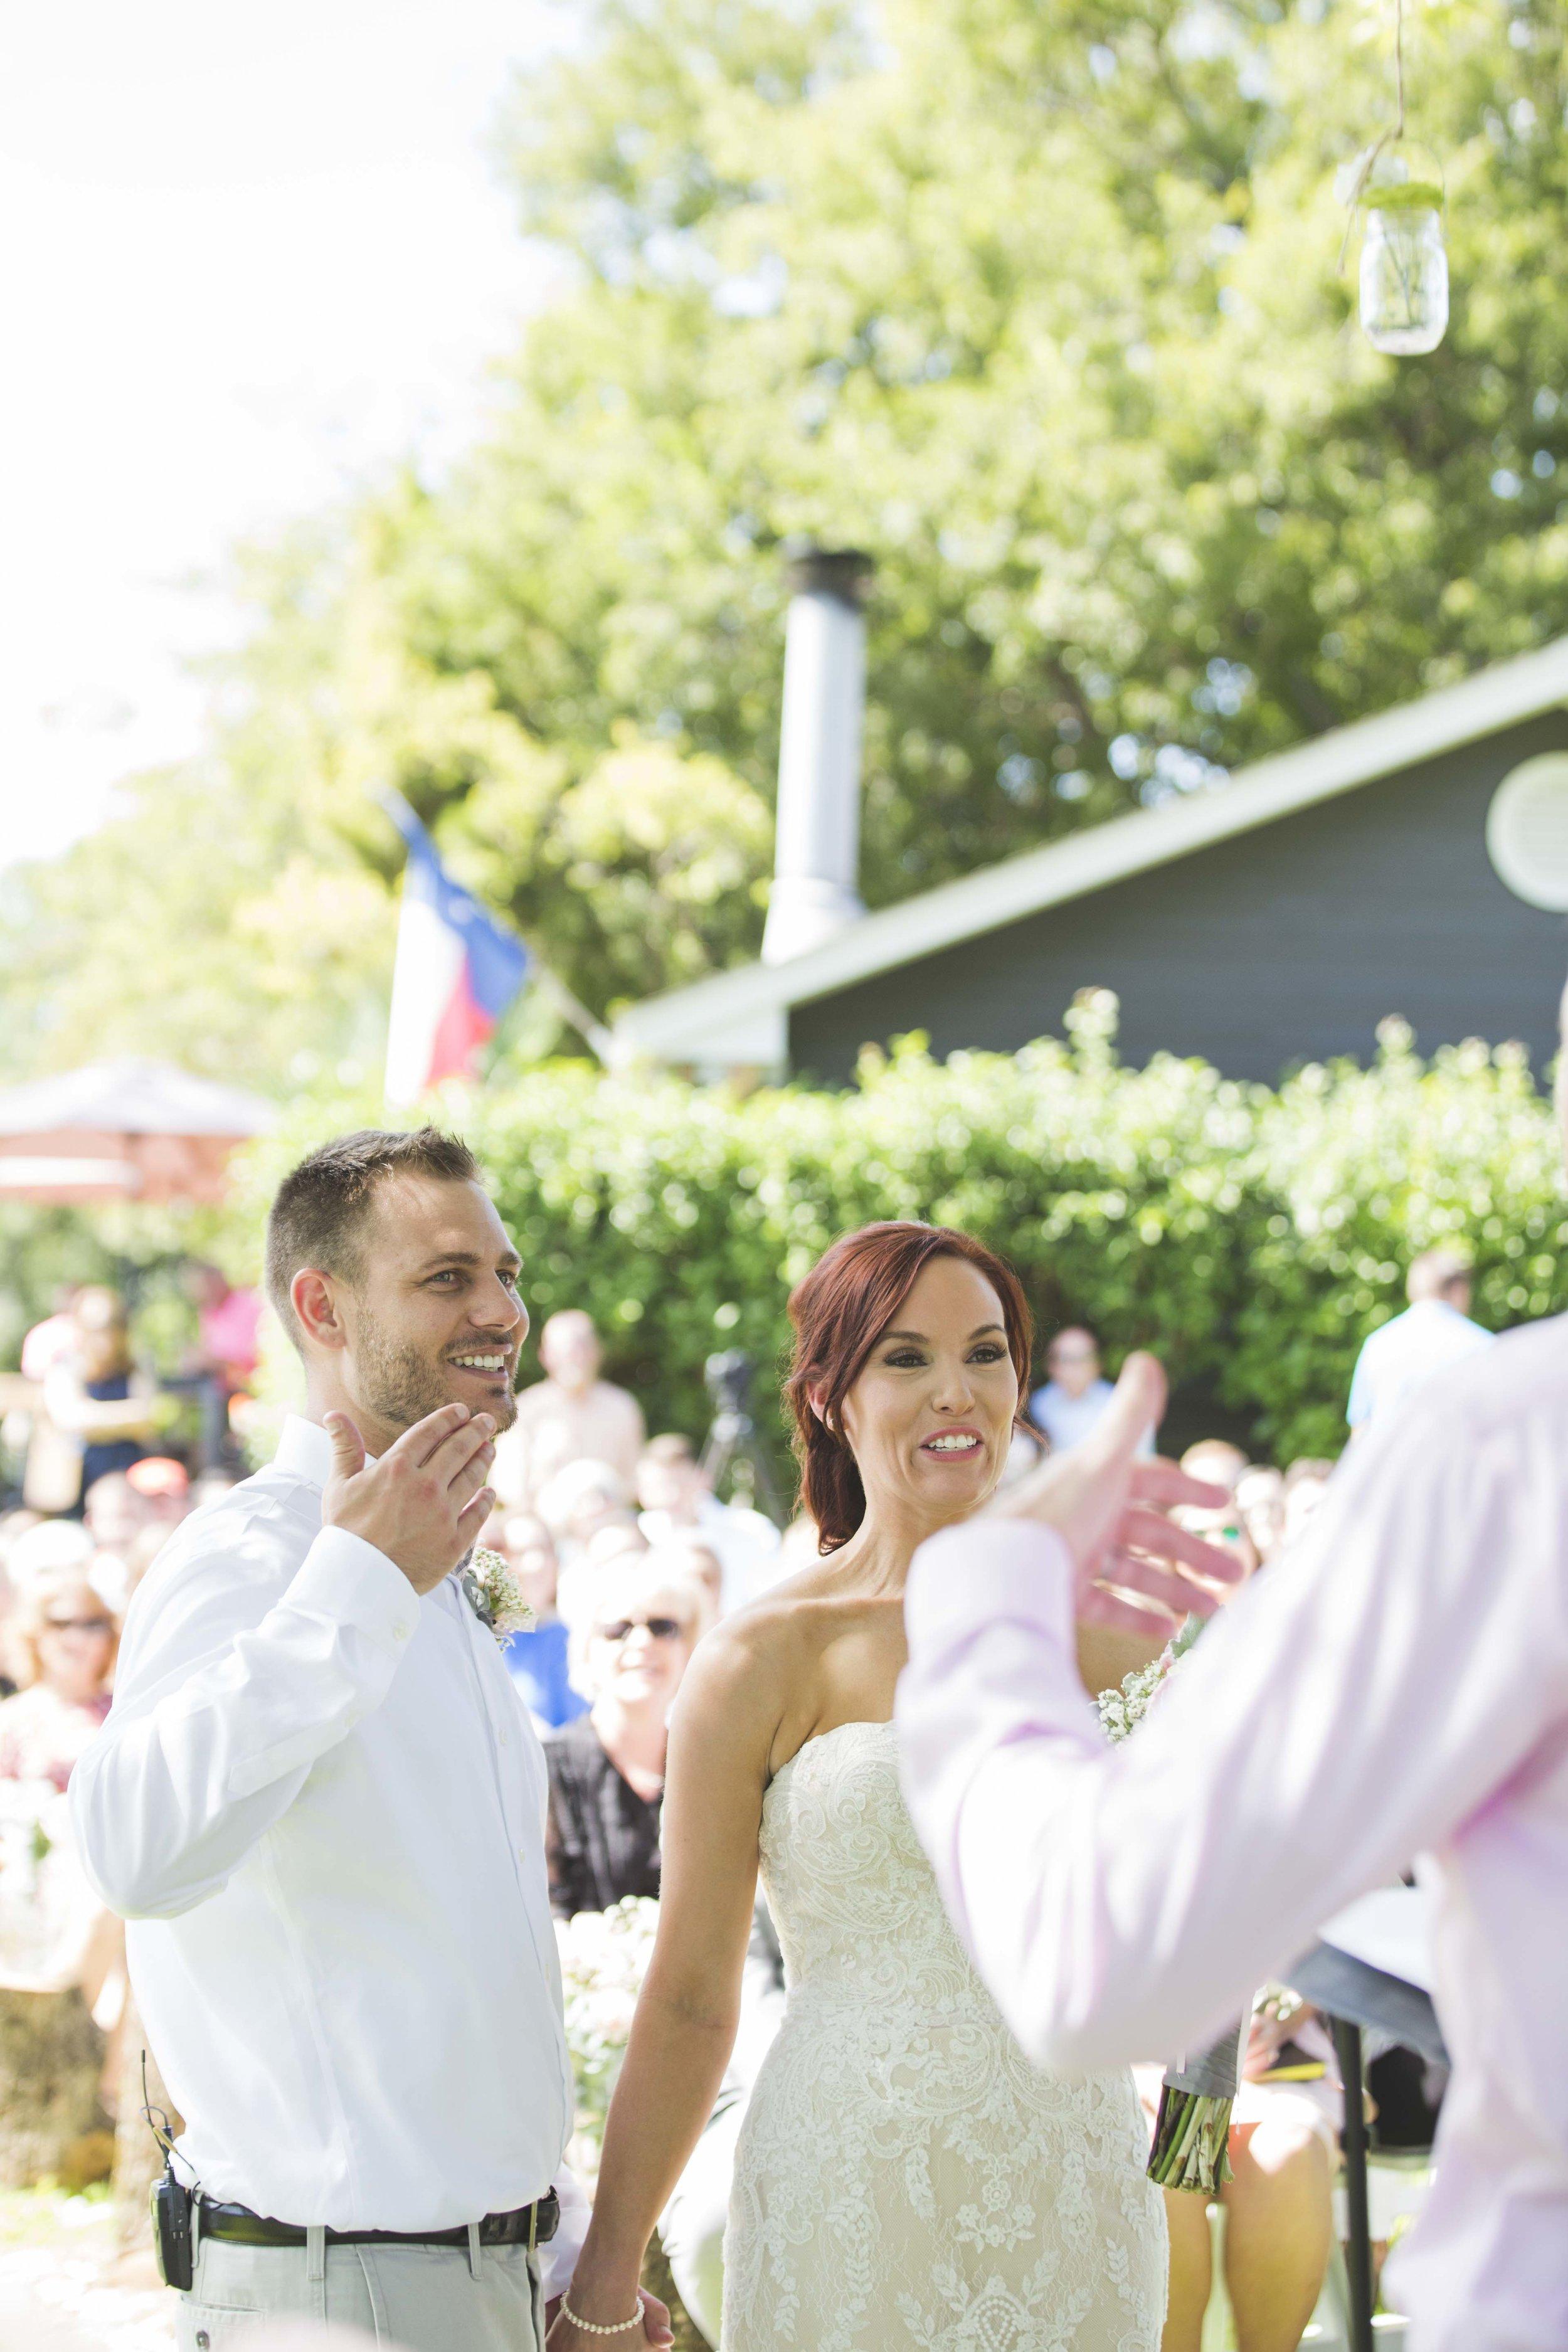 ATGI_Susanna & Matt Wedding_717A7646.jpg